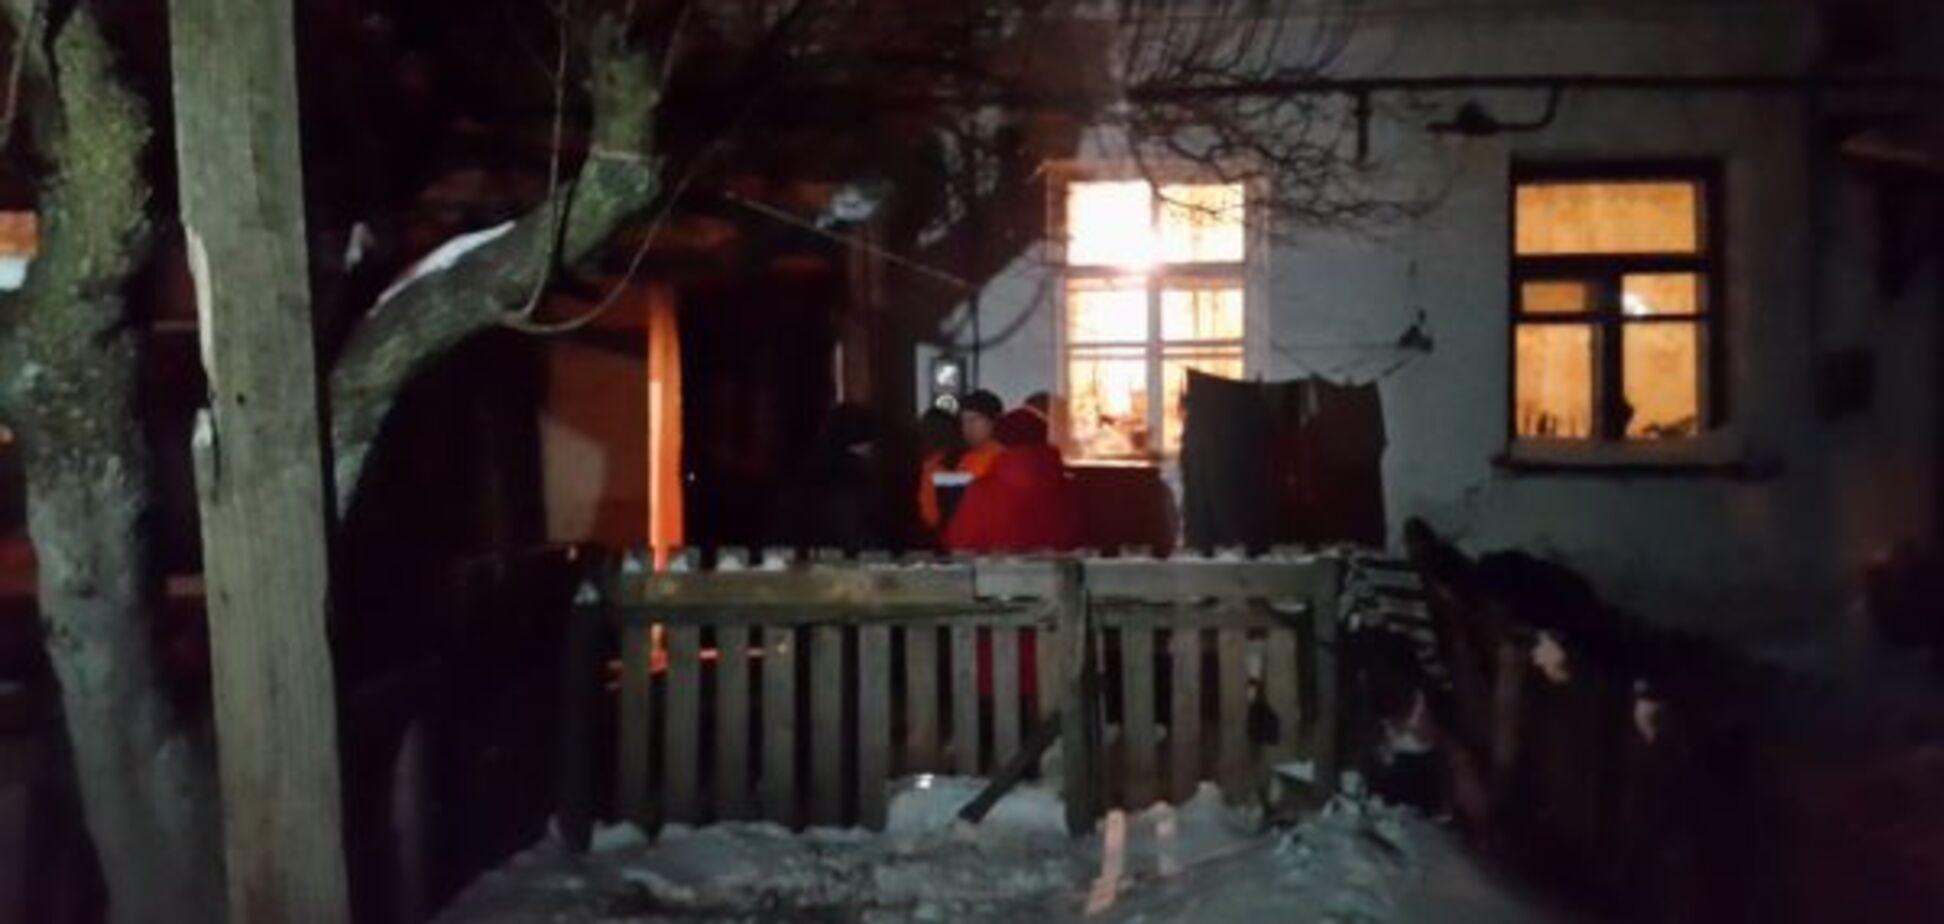 Моторошна загибель 8 людей у Бердичеві: сусідка розповіла подробиці трагедії